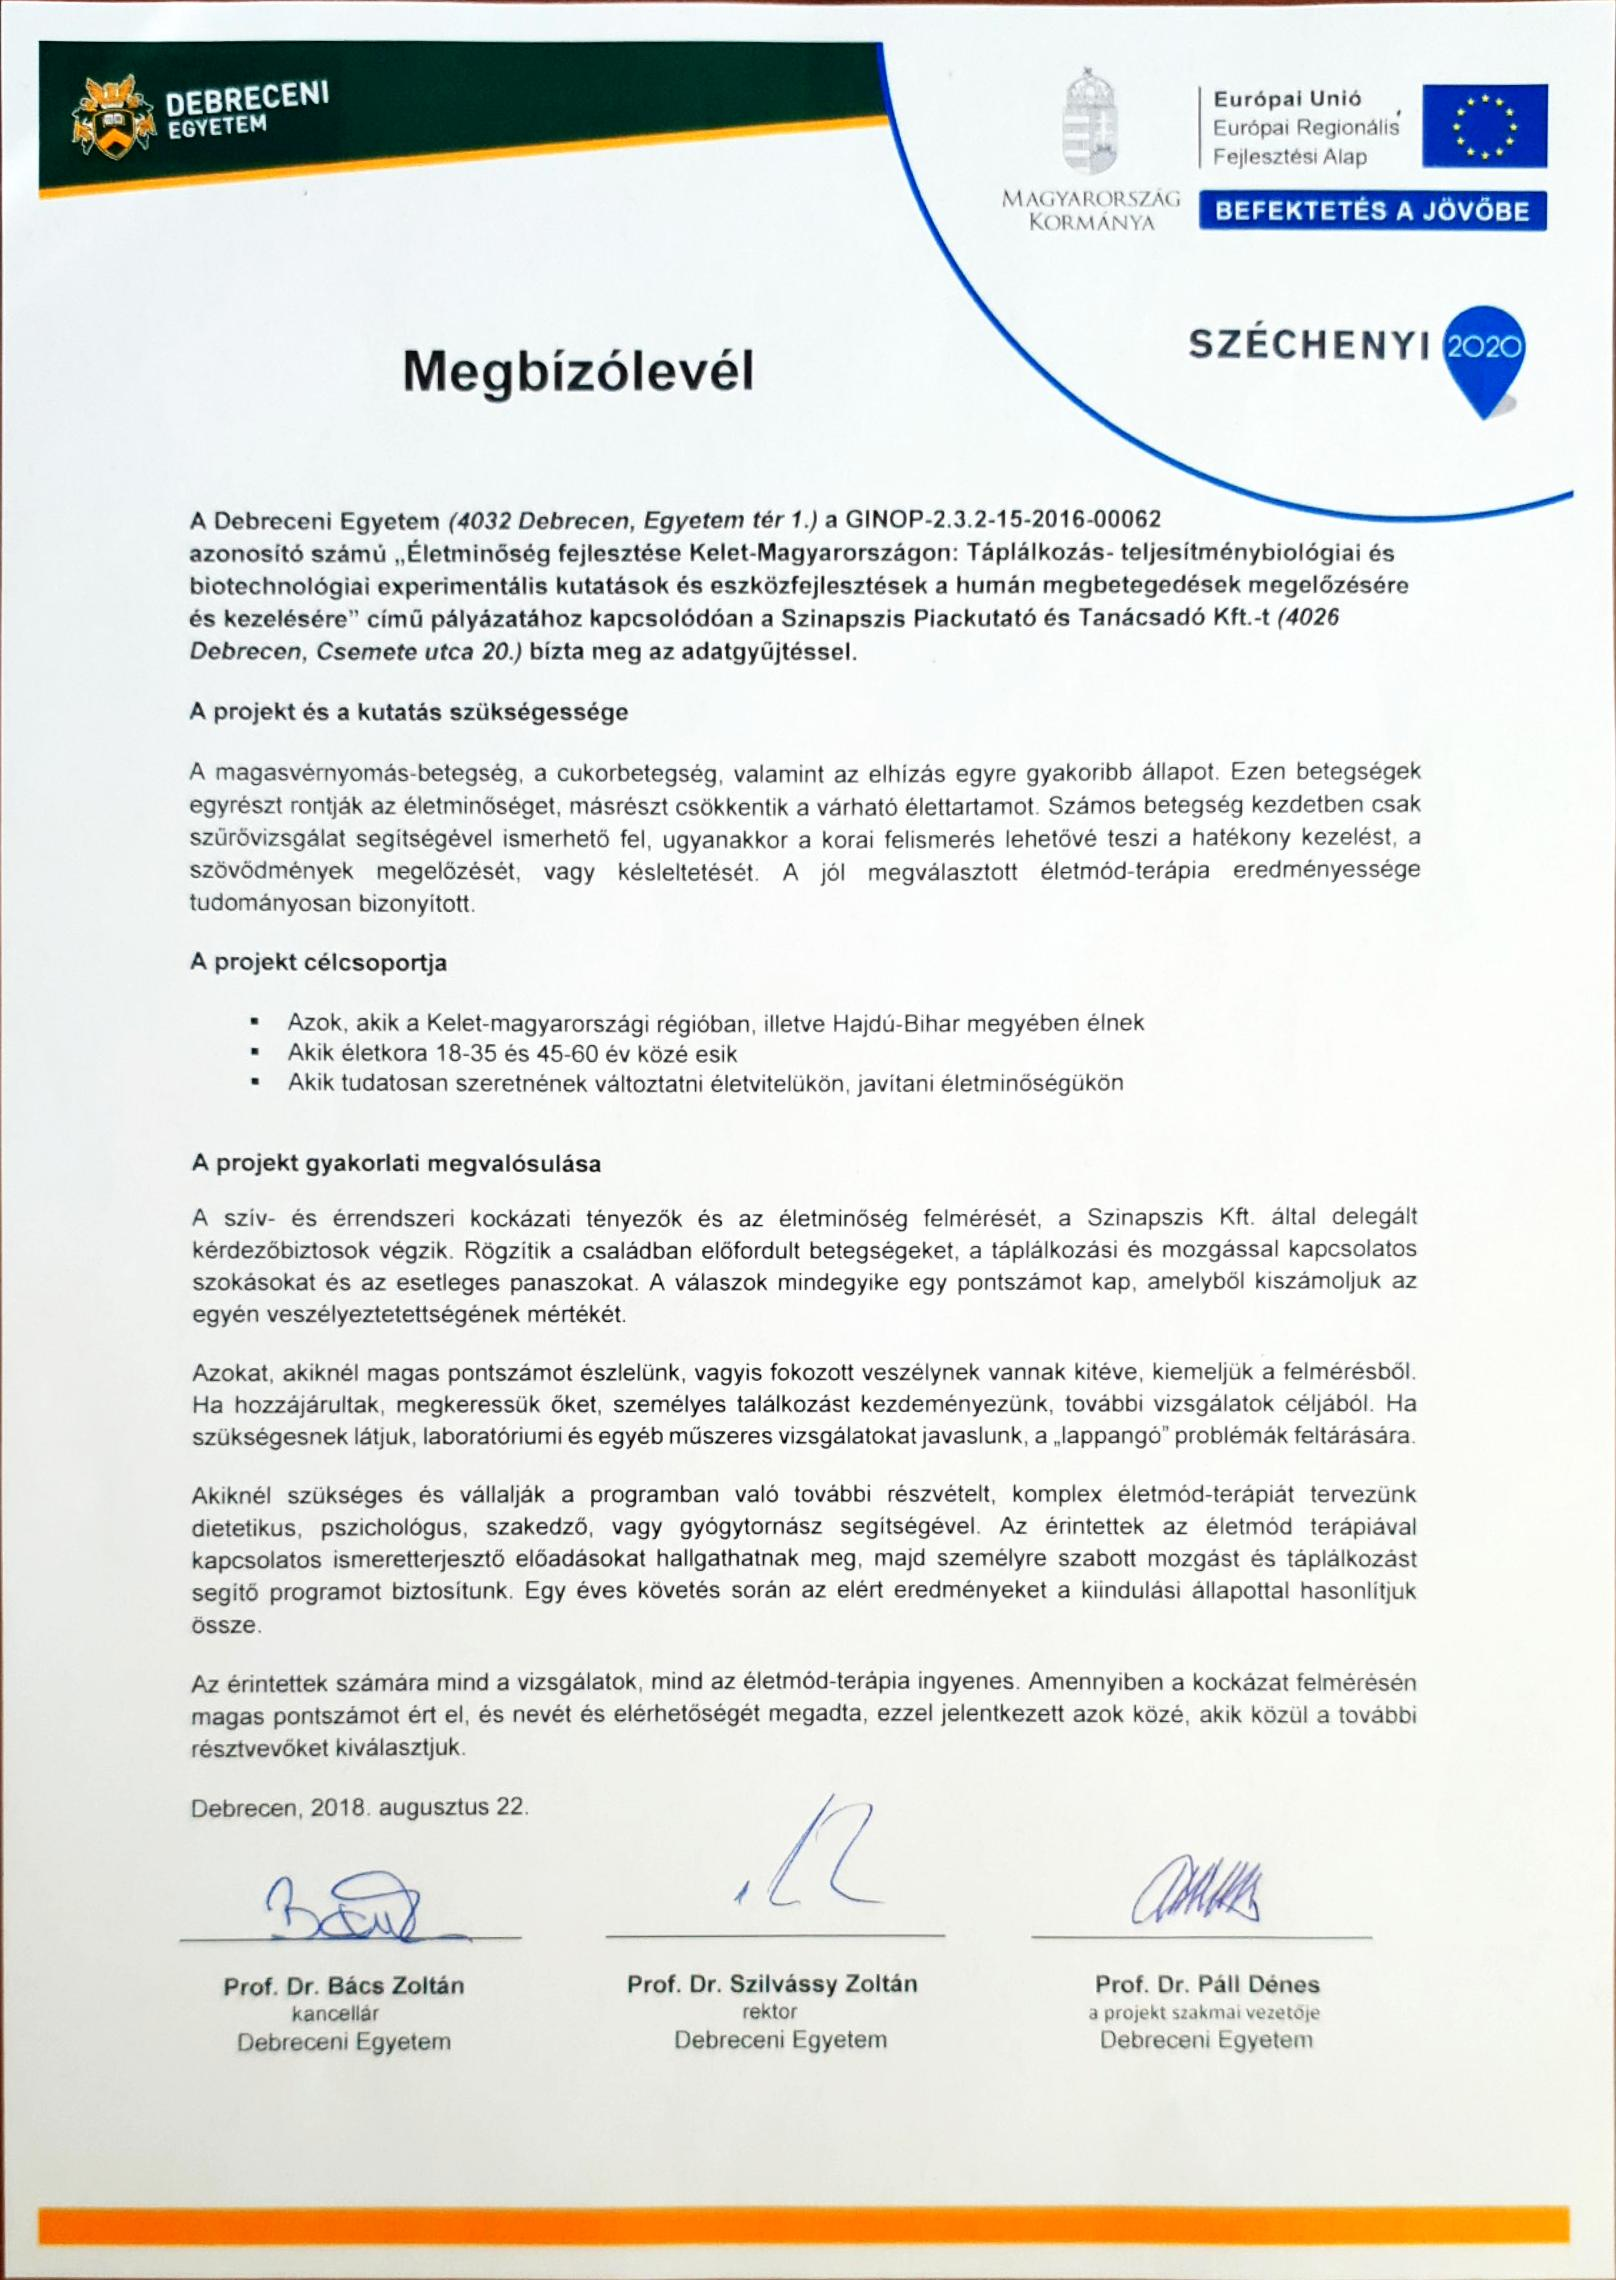 helminth terápiás kutatás)